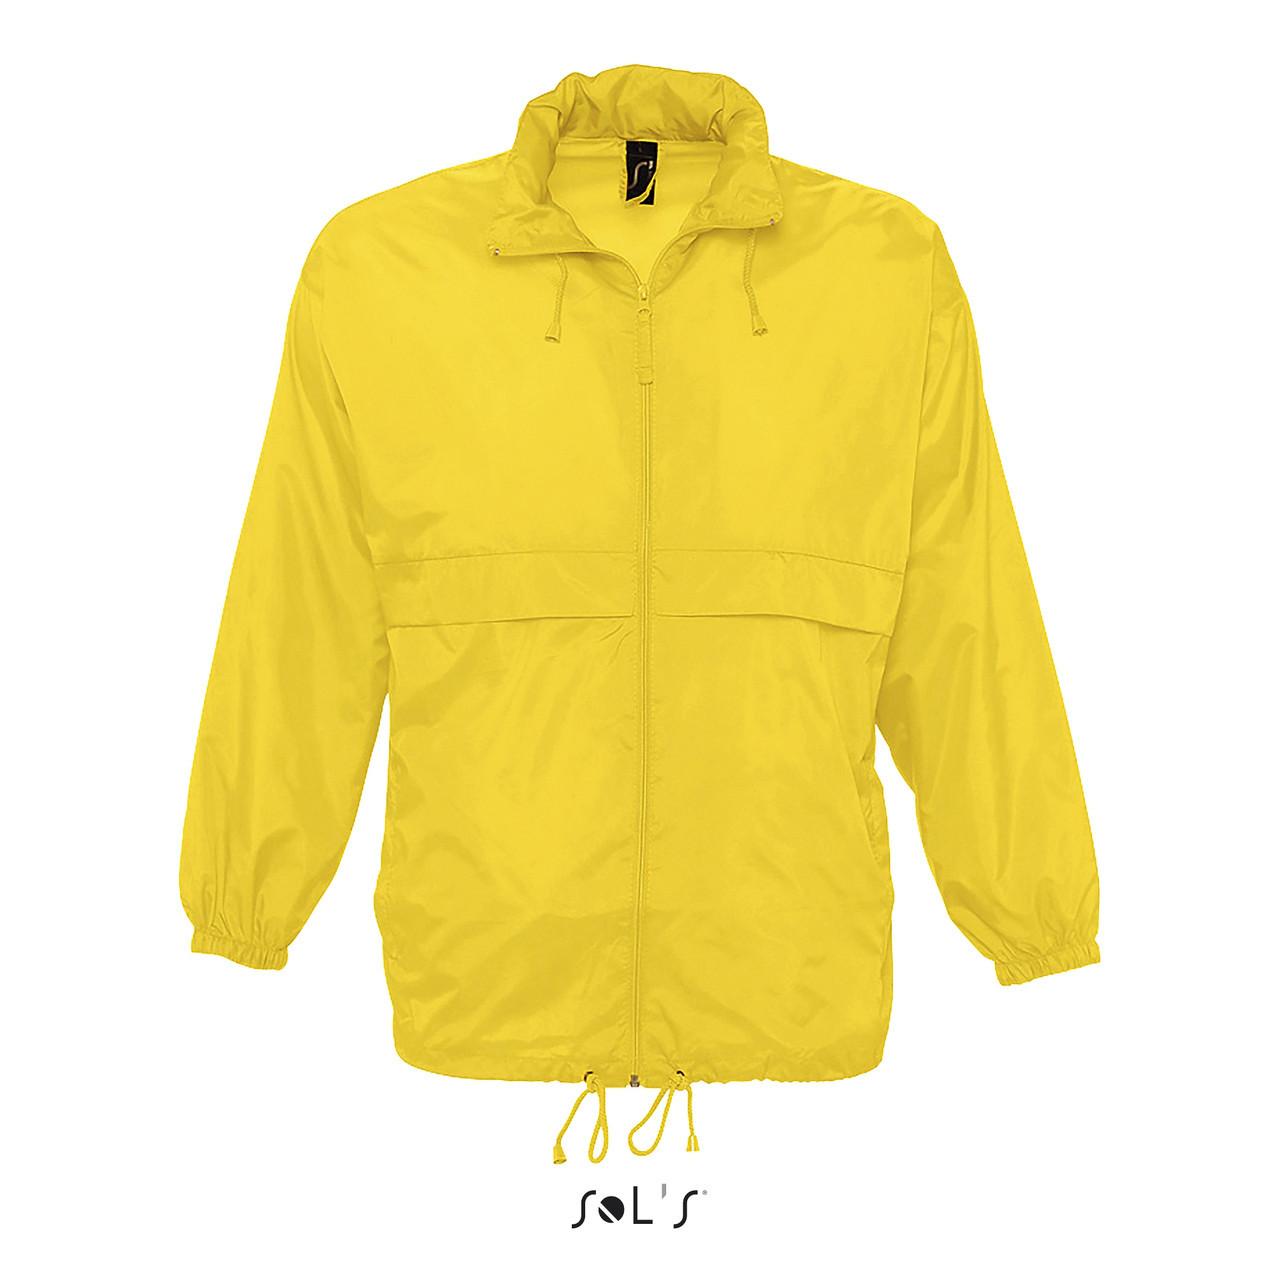 Водонепроницаемая ветровка Sols Surf, Желтая M